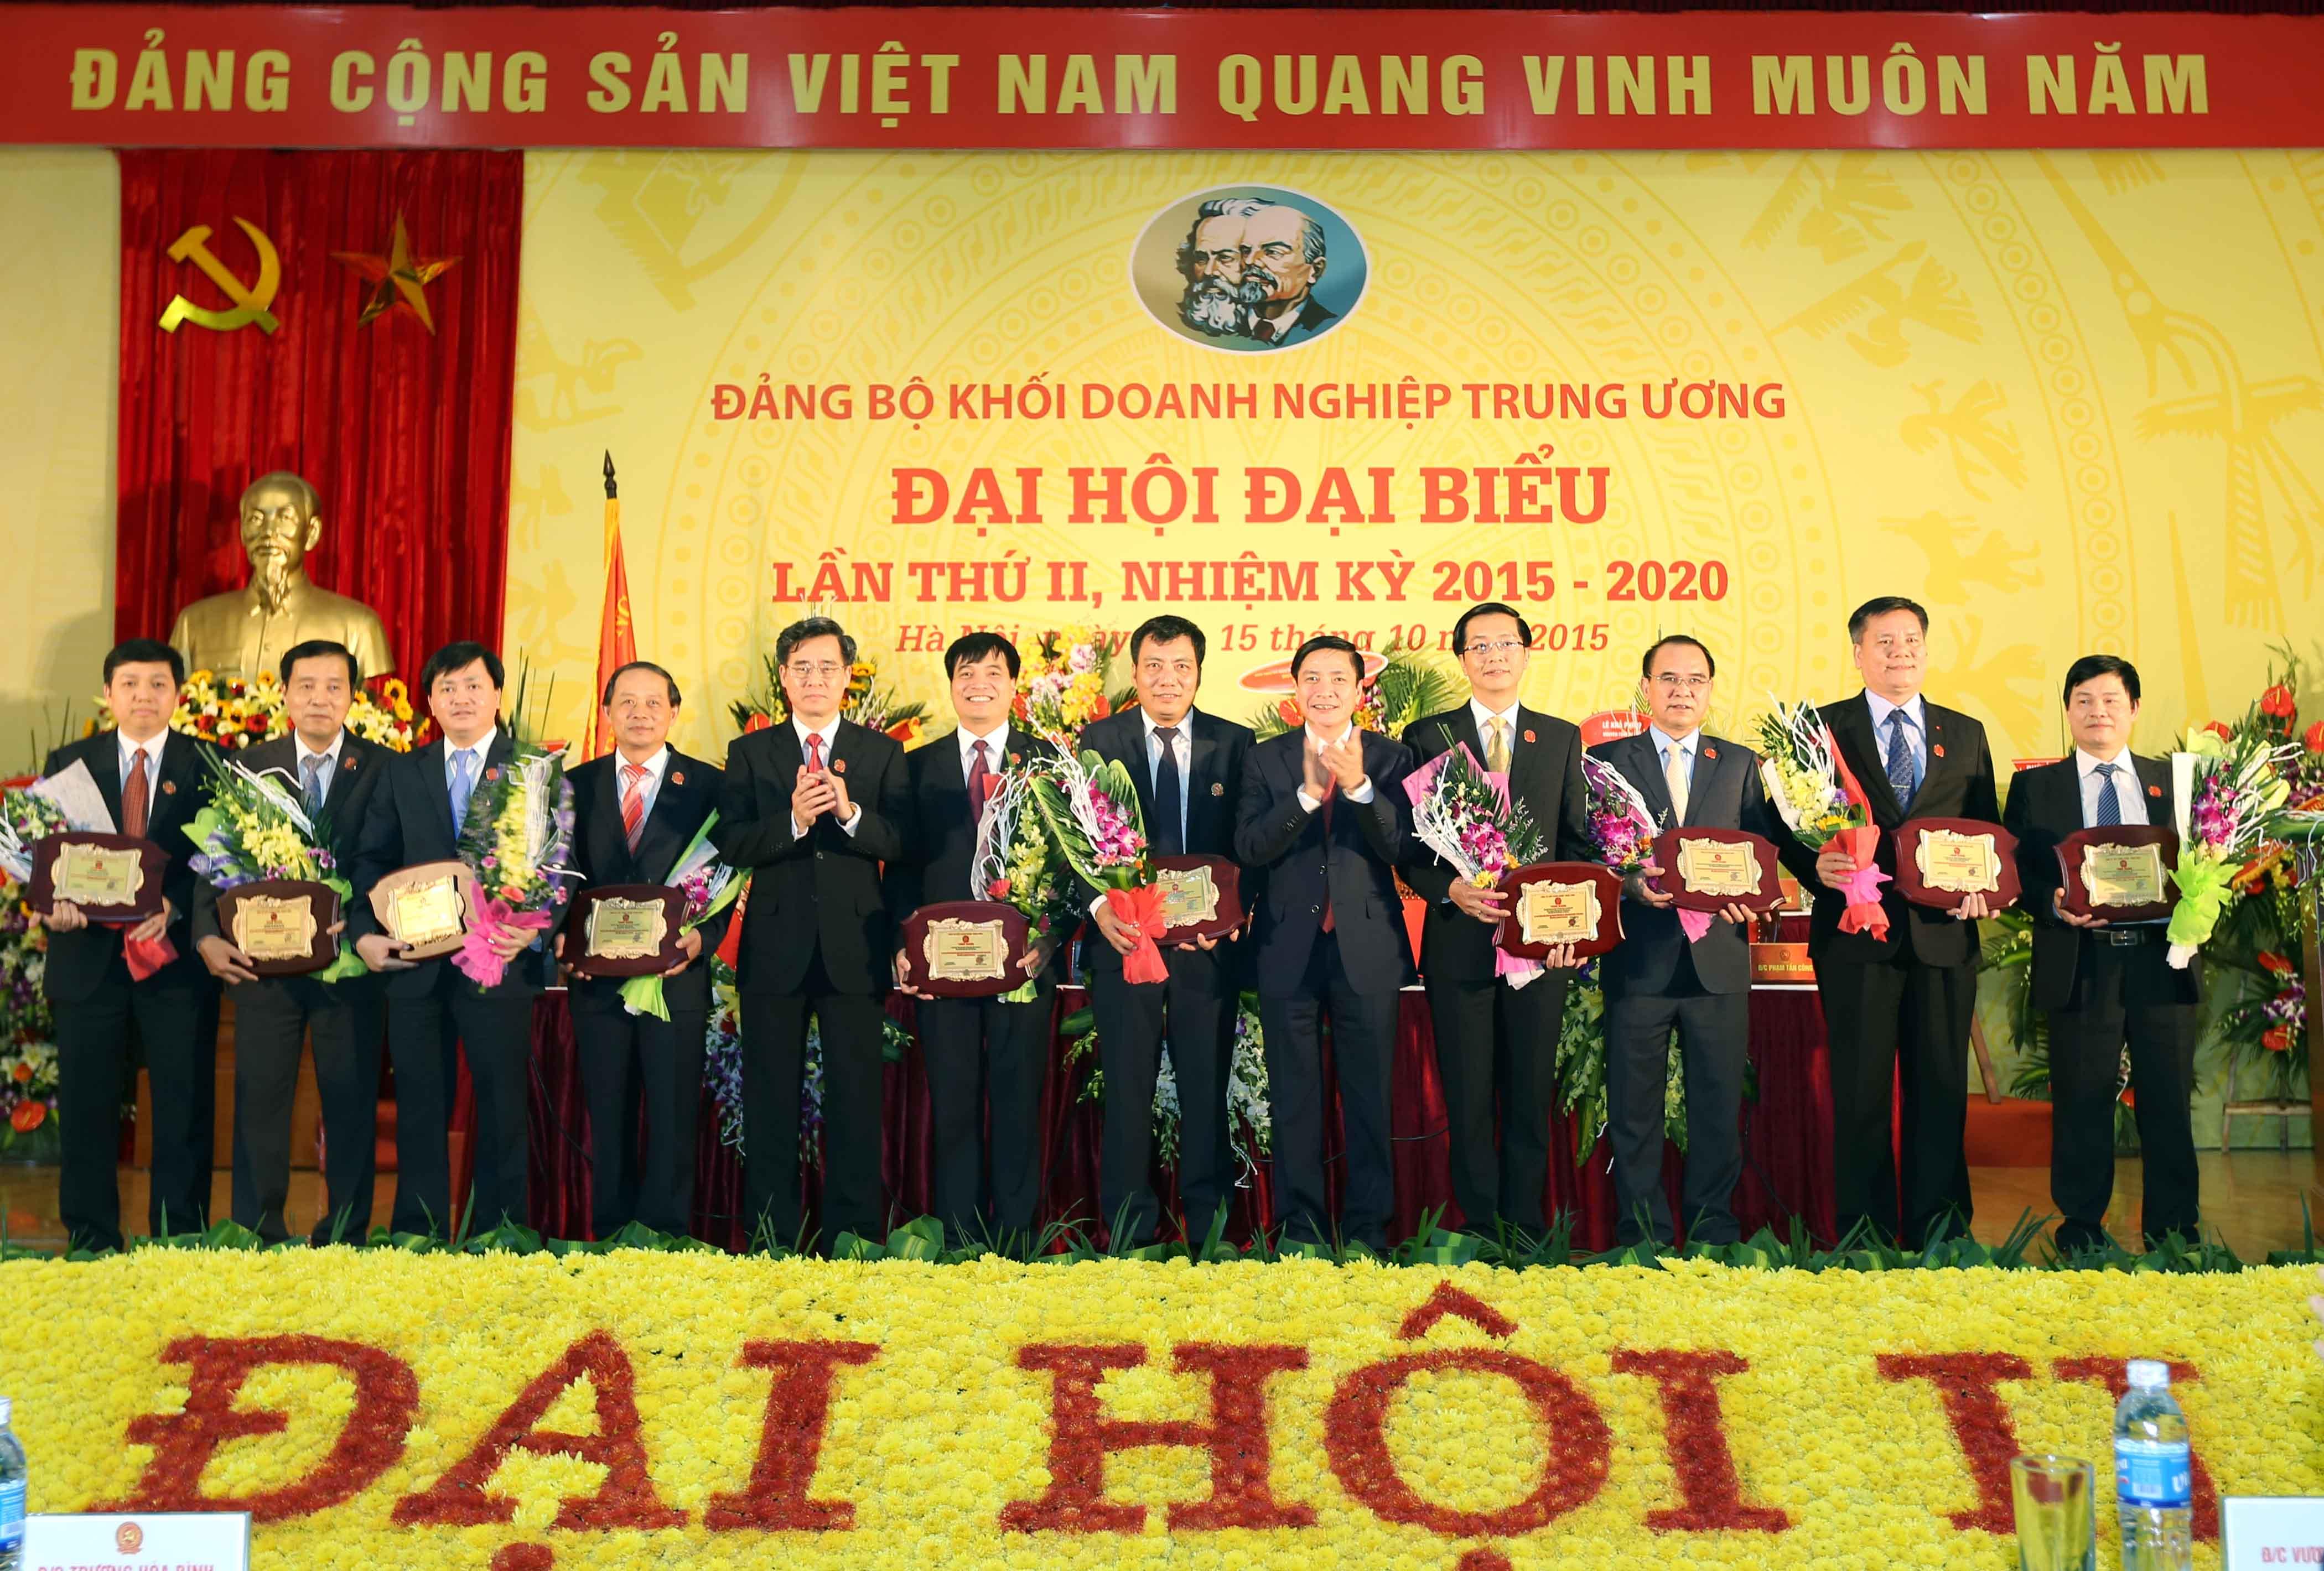 Các đồng chí Thường trực Đảng ủy Khối trao Bảng vinh danh cho đại diện các đơn vị có công trình chào mừng Đại hội.